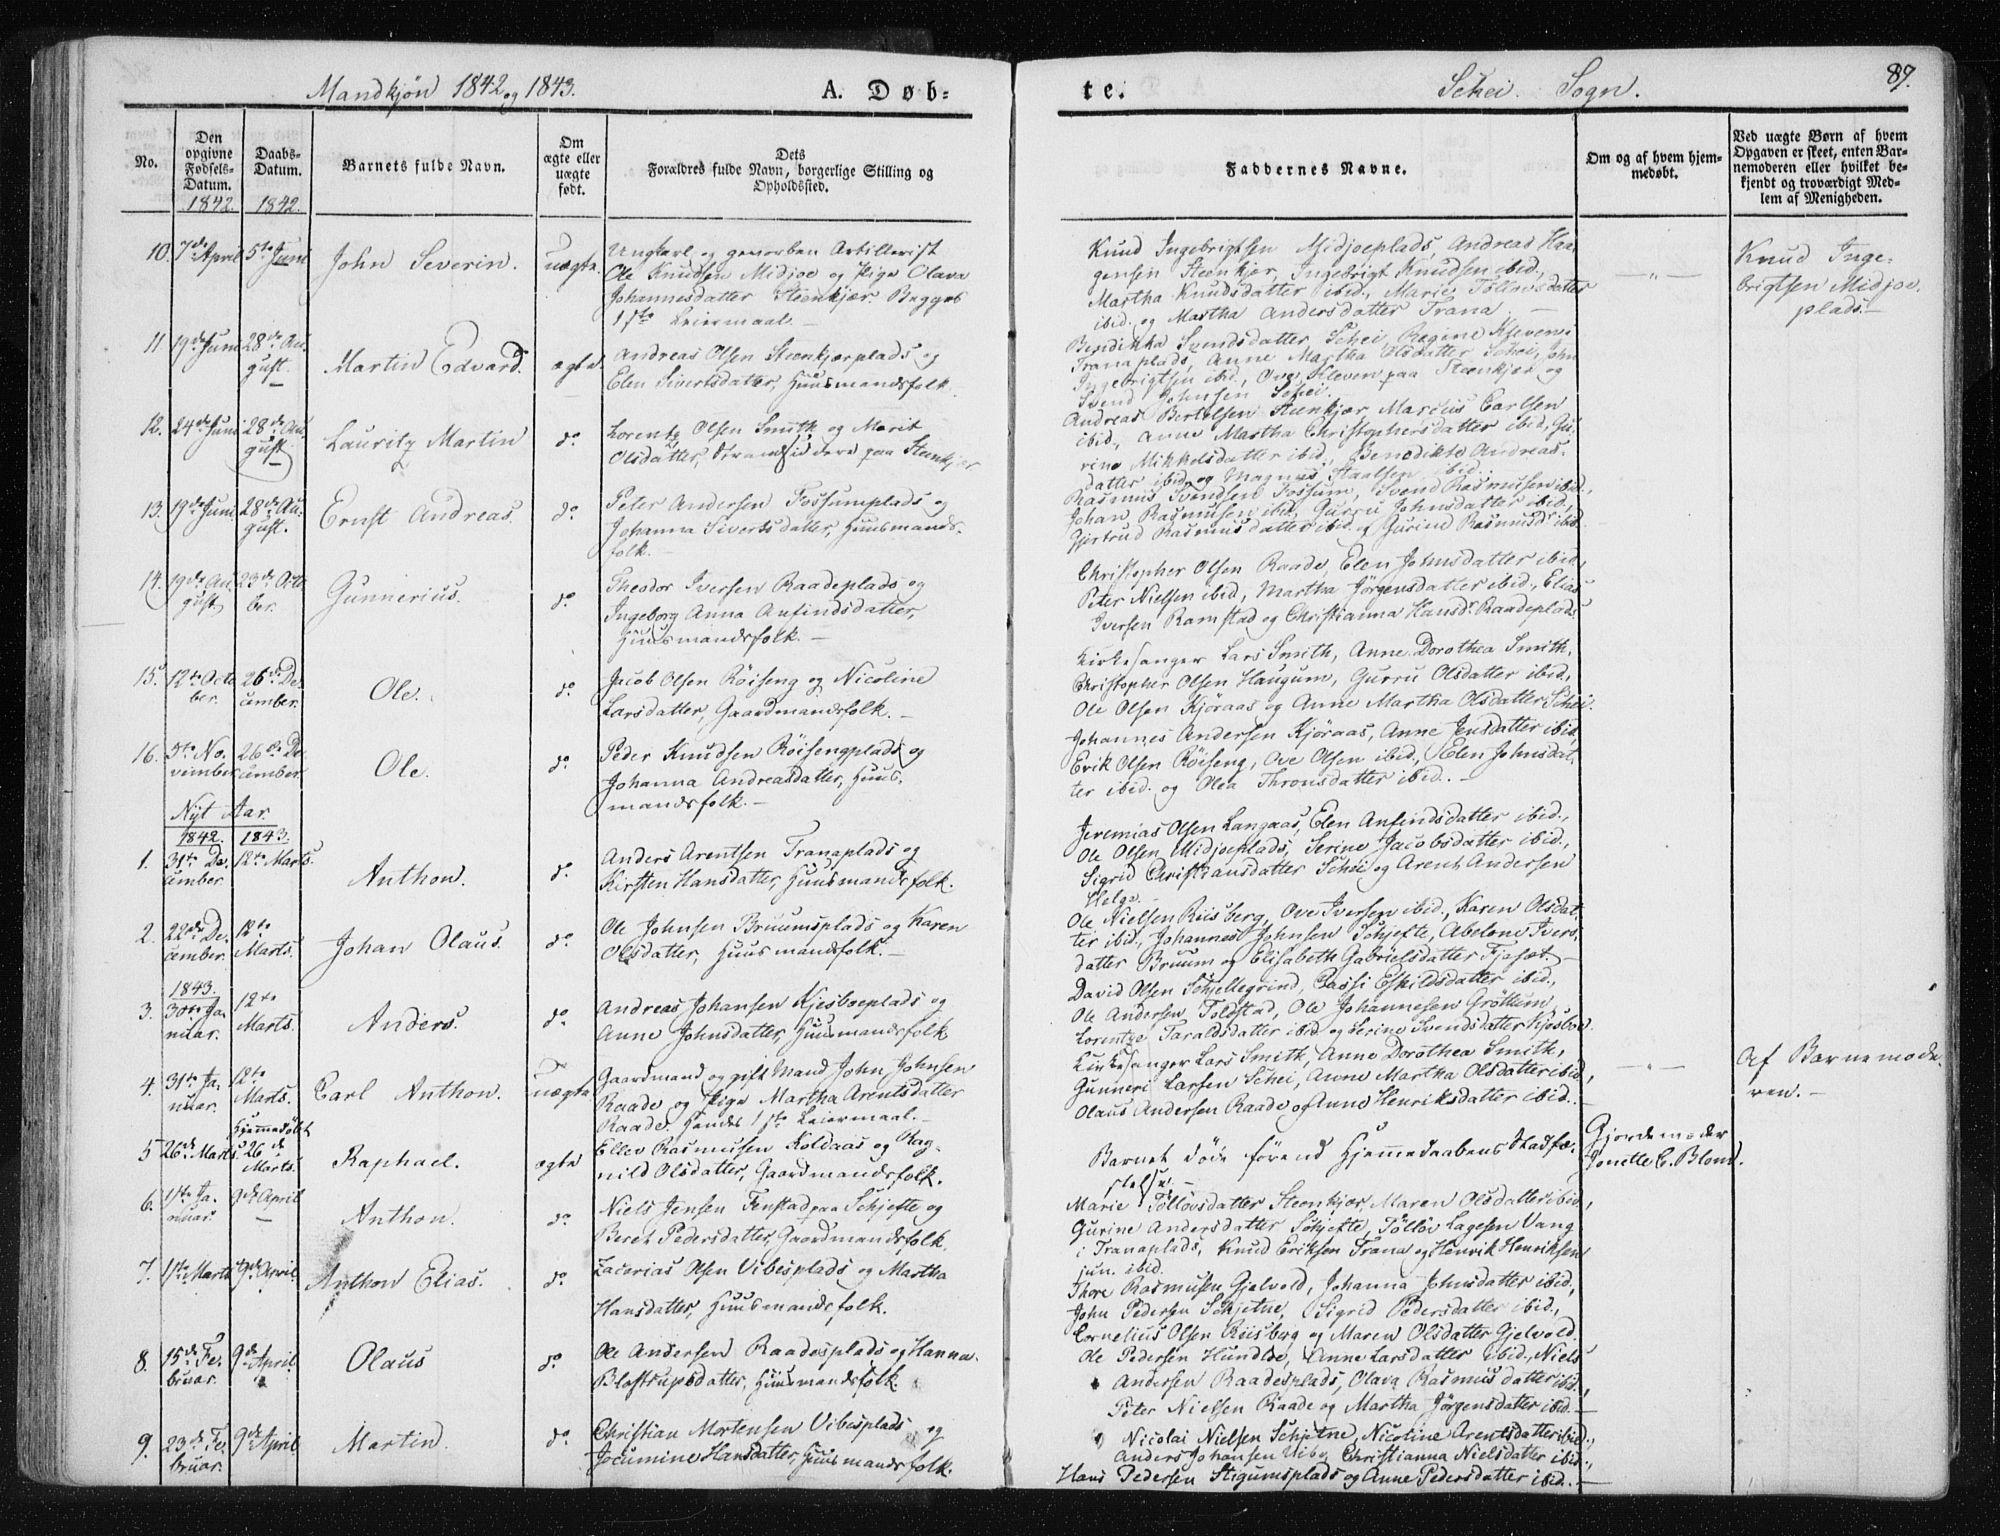 SAT, Ministerialprotokoller, klokkerbøker og fødselsregistre - Nord-Trøndelag, 735/L0339: Ministerialbok nr. 735A06 /2, 1836-1848, s. 87